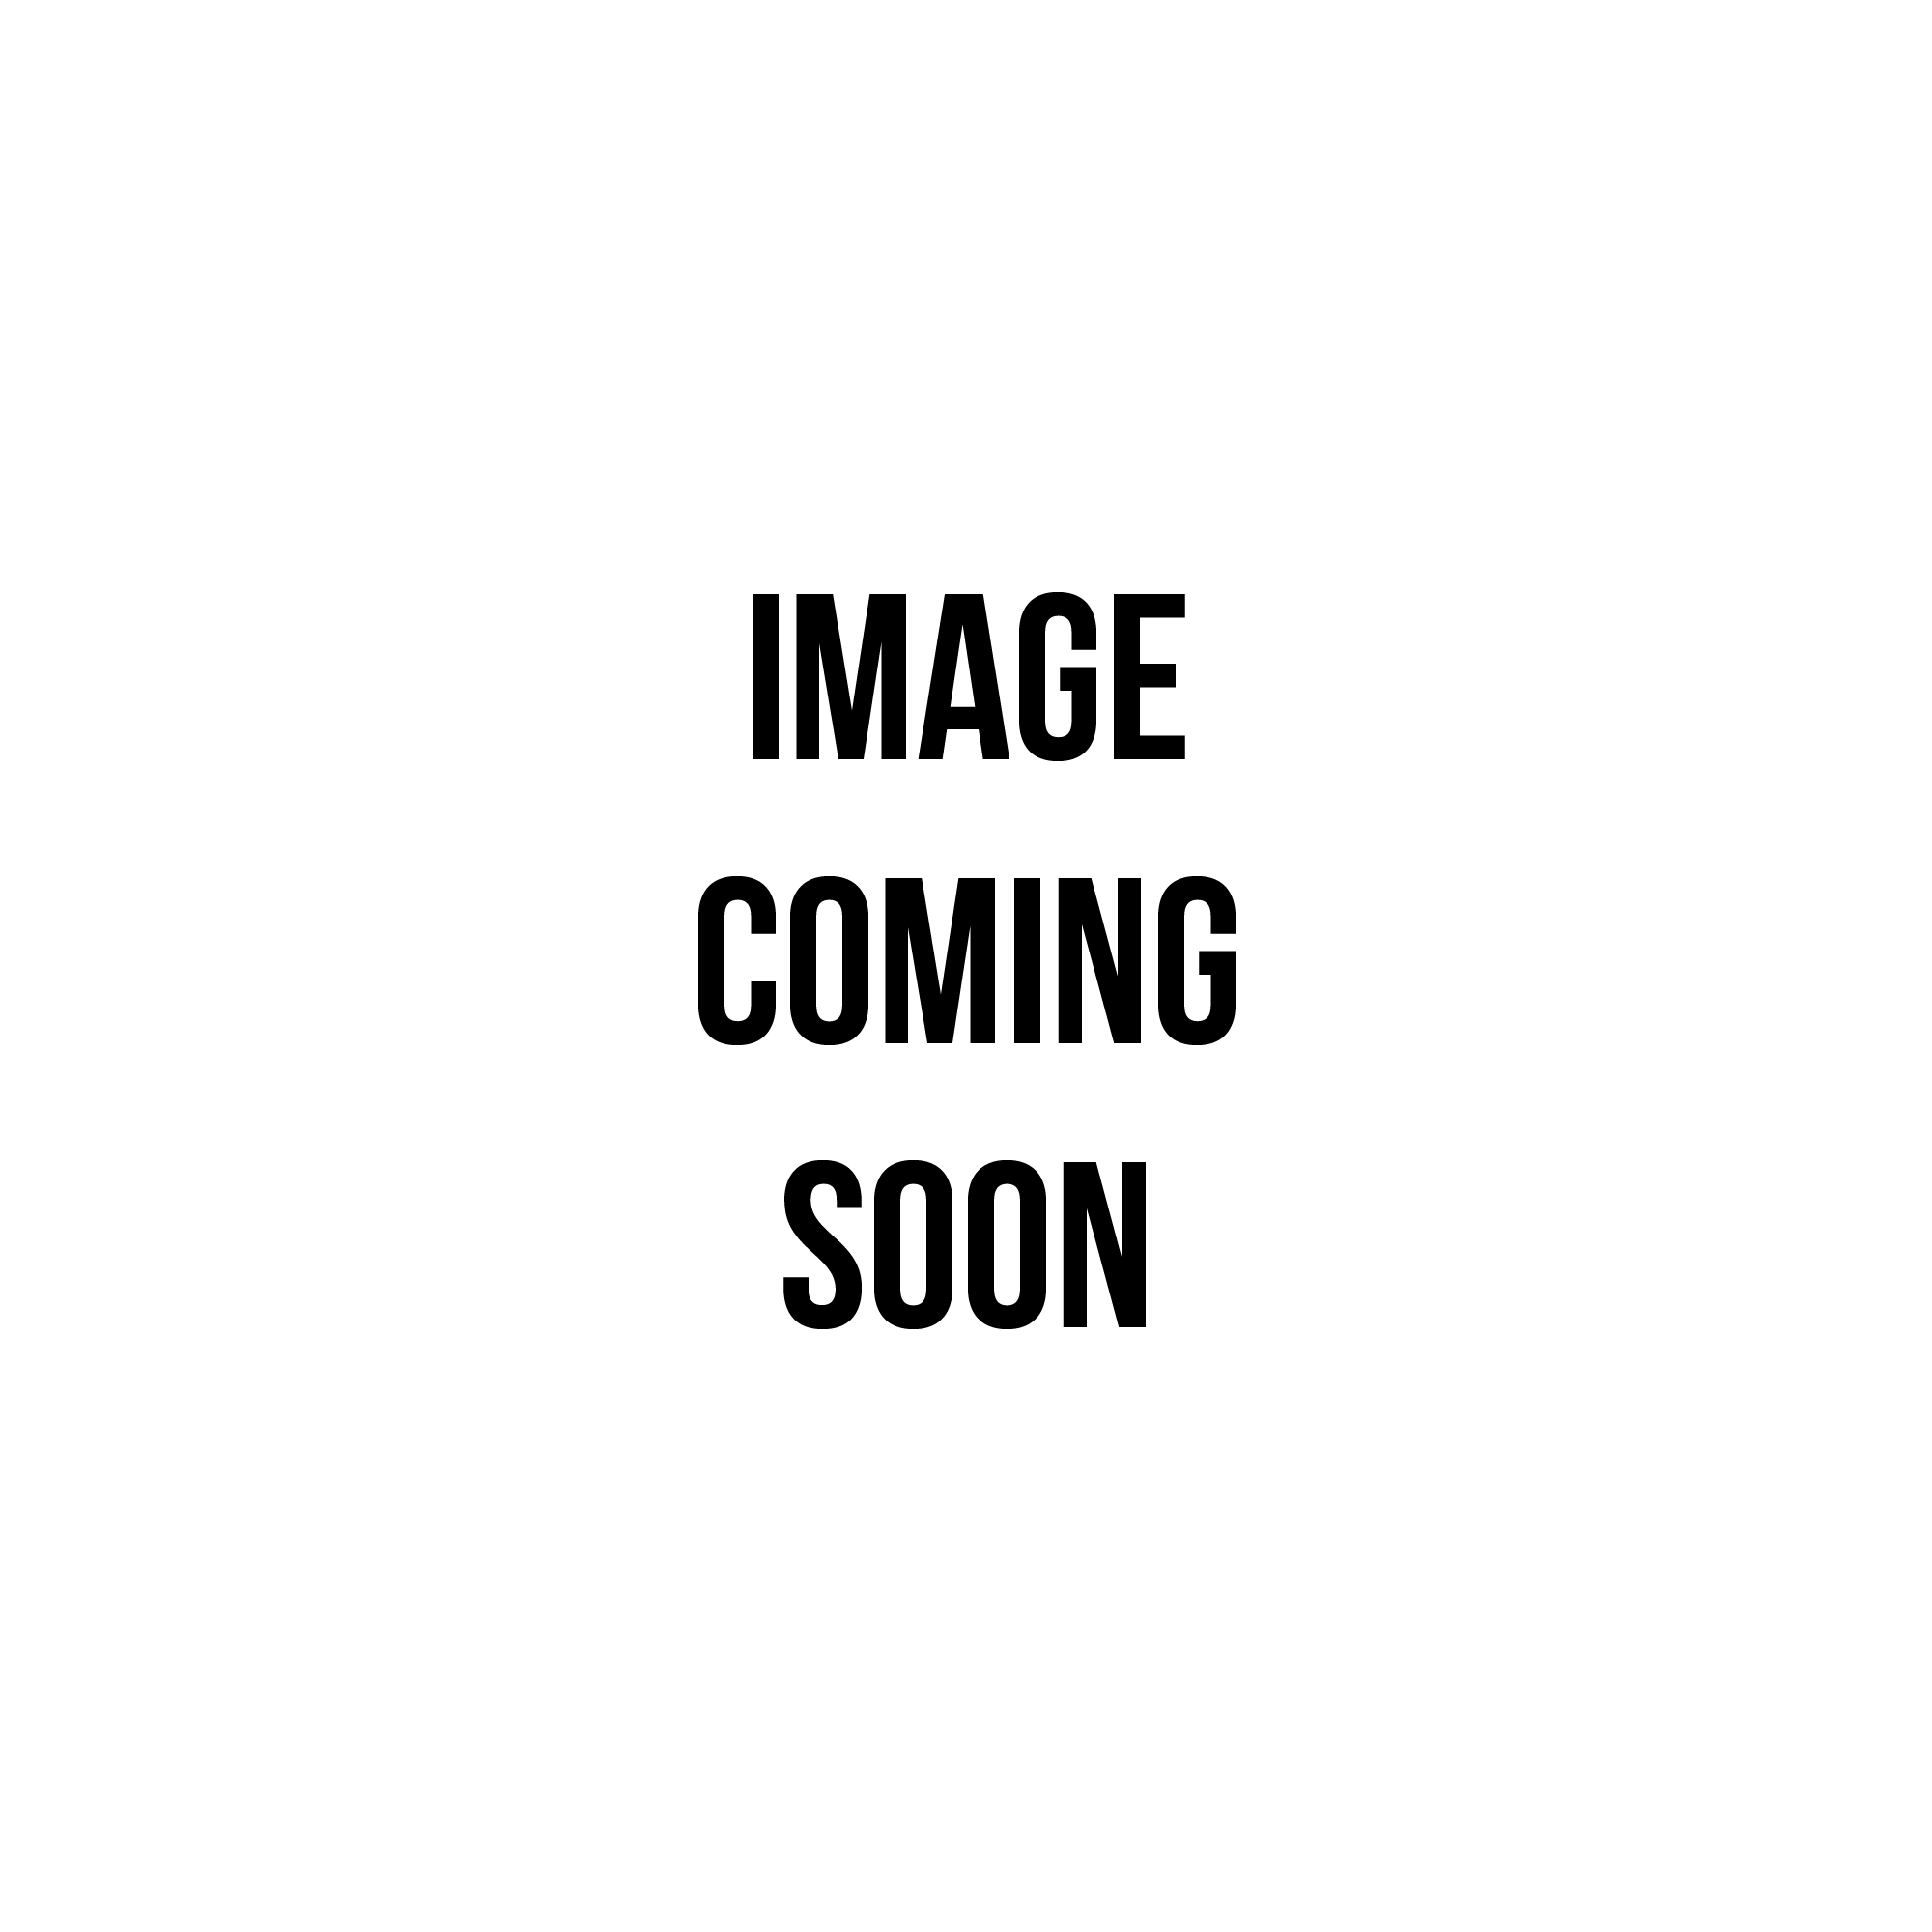 pas cher populaire Hommes Nike Roshe Un Chaussures De Sport Noir Et Blanc Pour Les Hommes professionnel en ligne 4nFqo4Pqj